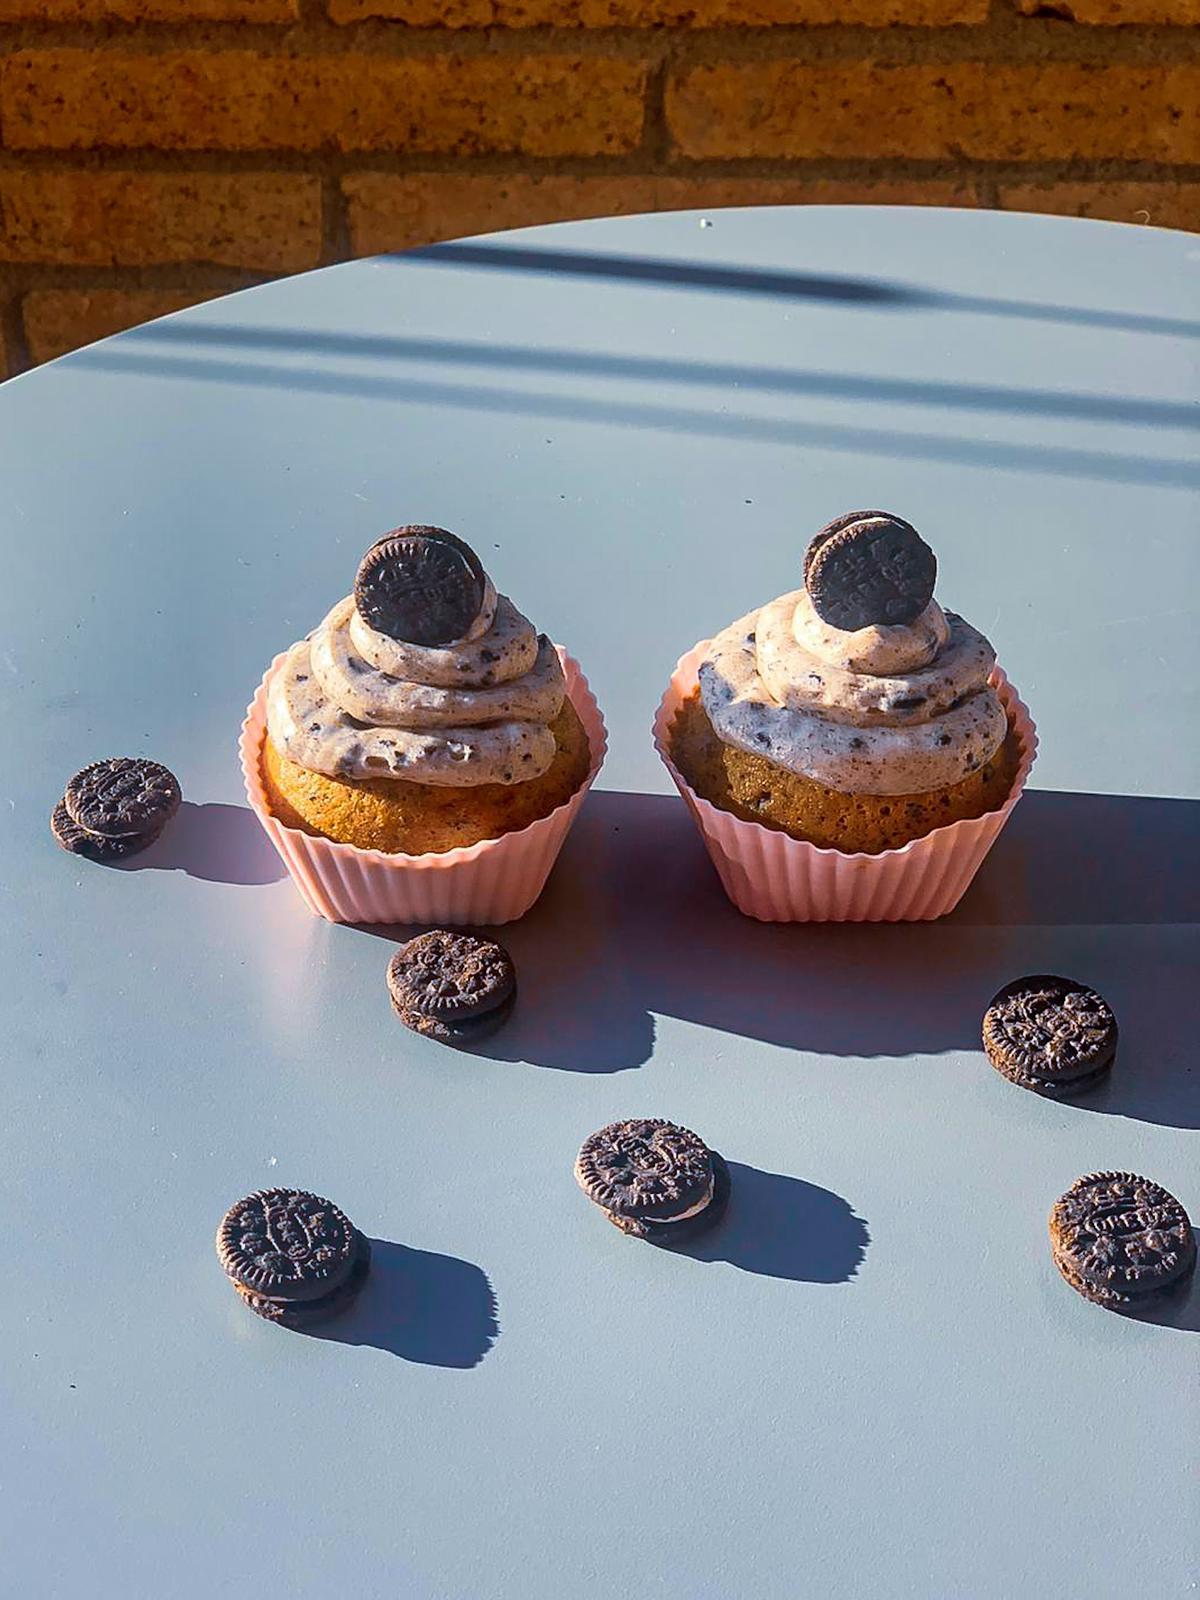 Cupcakes de oreo y vainilla by loveyourslf